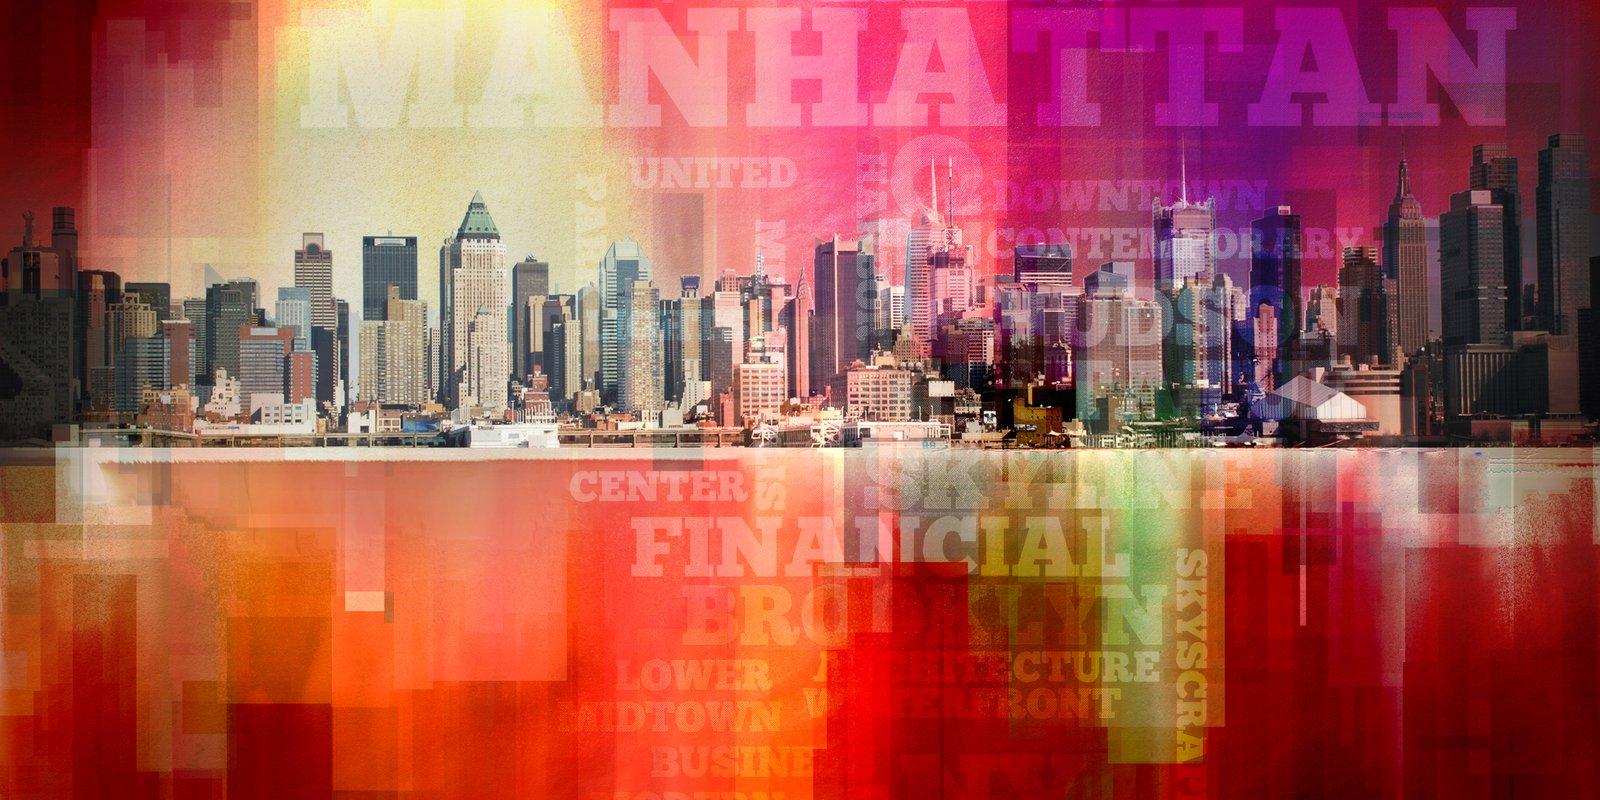 Columbus Circle Manhattan, NY Private Investigator